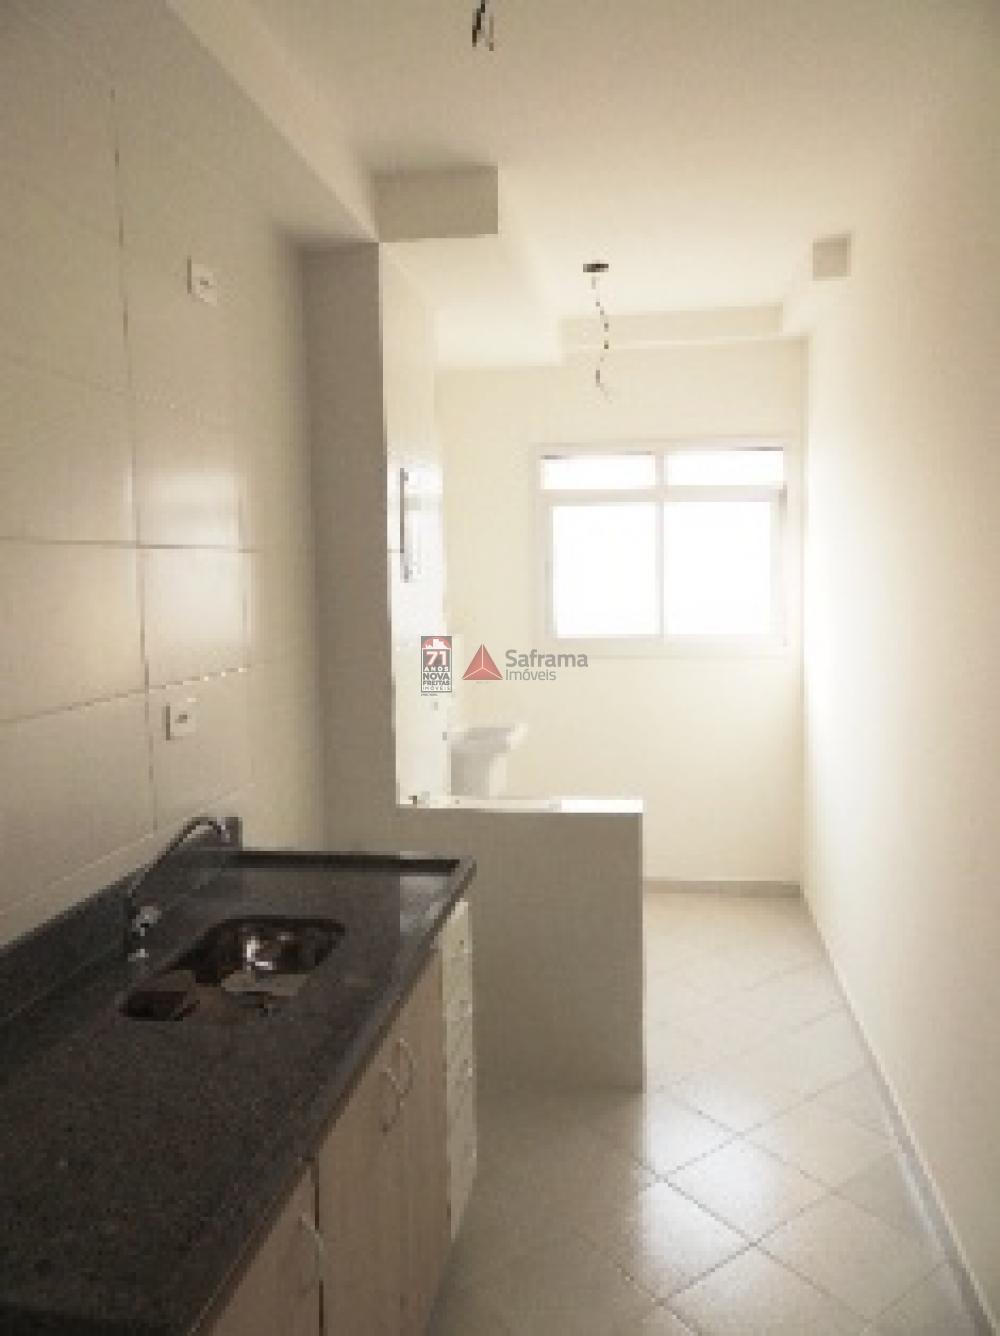 Comprar Apartamento / Padrão em São José dos Campos apenas R$ 290.000,00 - Foto 3